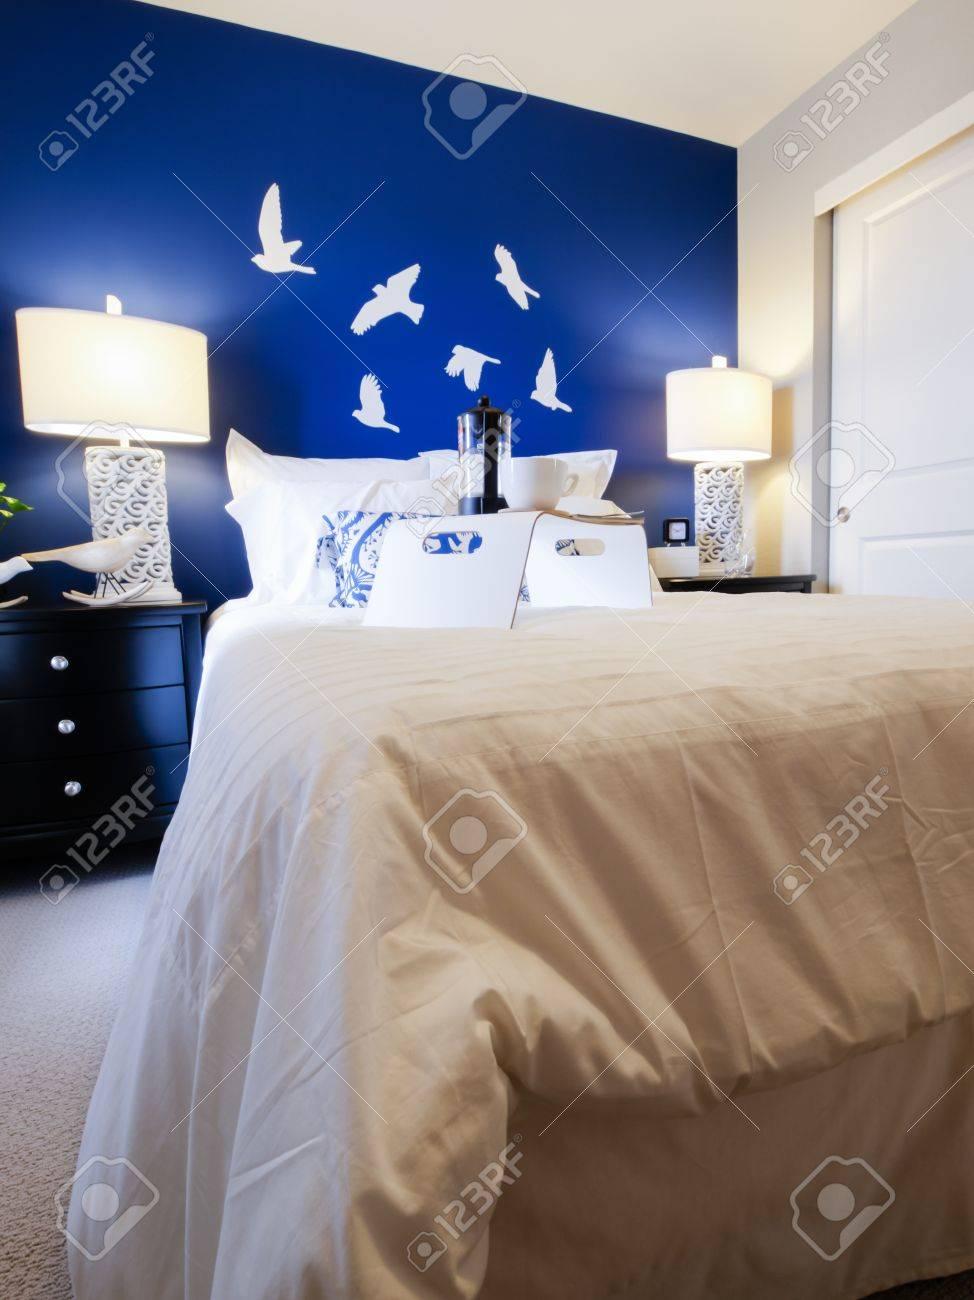 Moderne Schlafzimmer Mit Blauen Wand Und Weißer Bettwäsche. Standard Bild    15079352